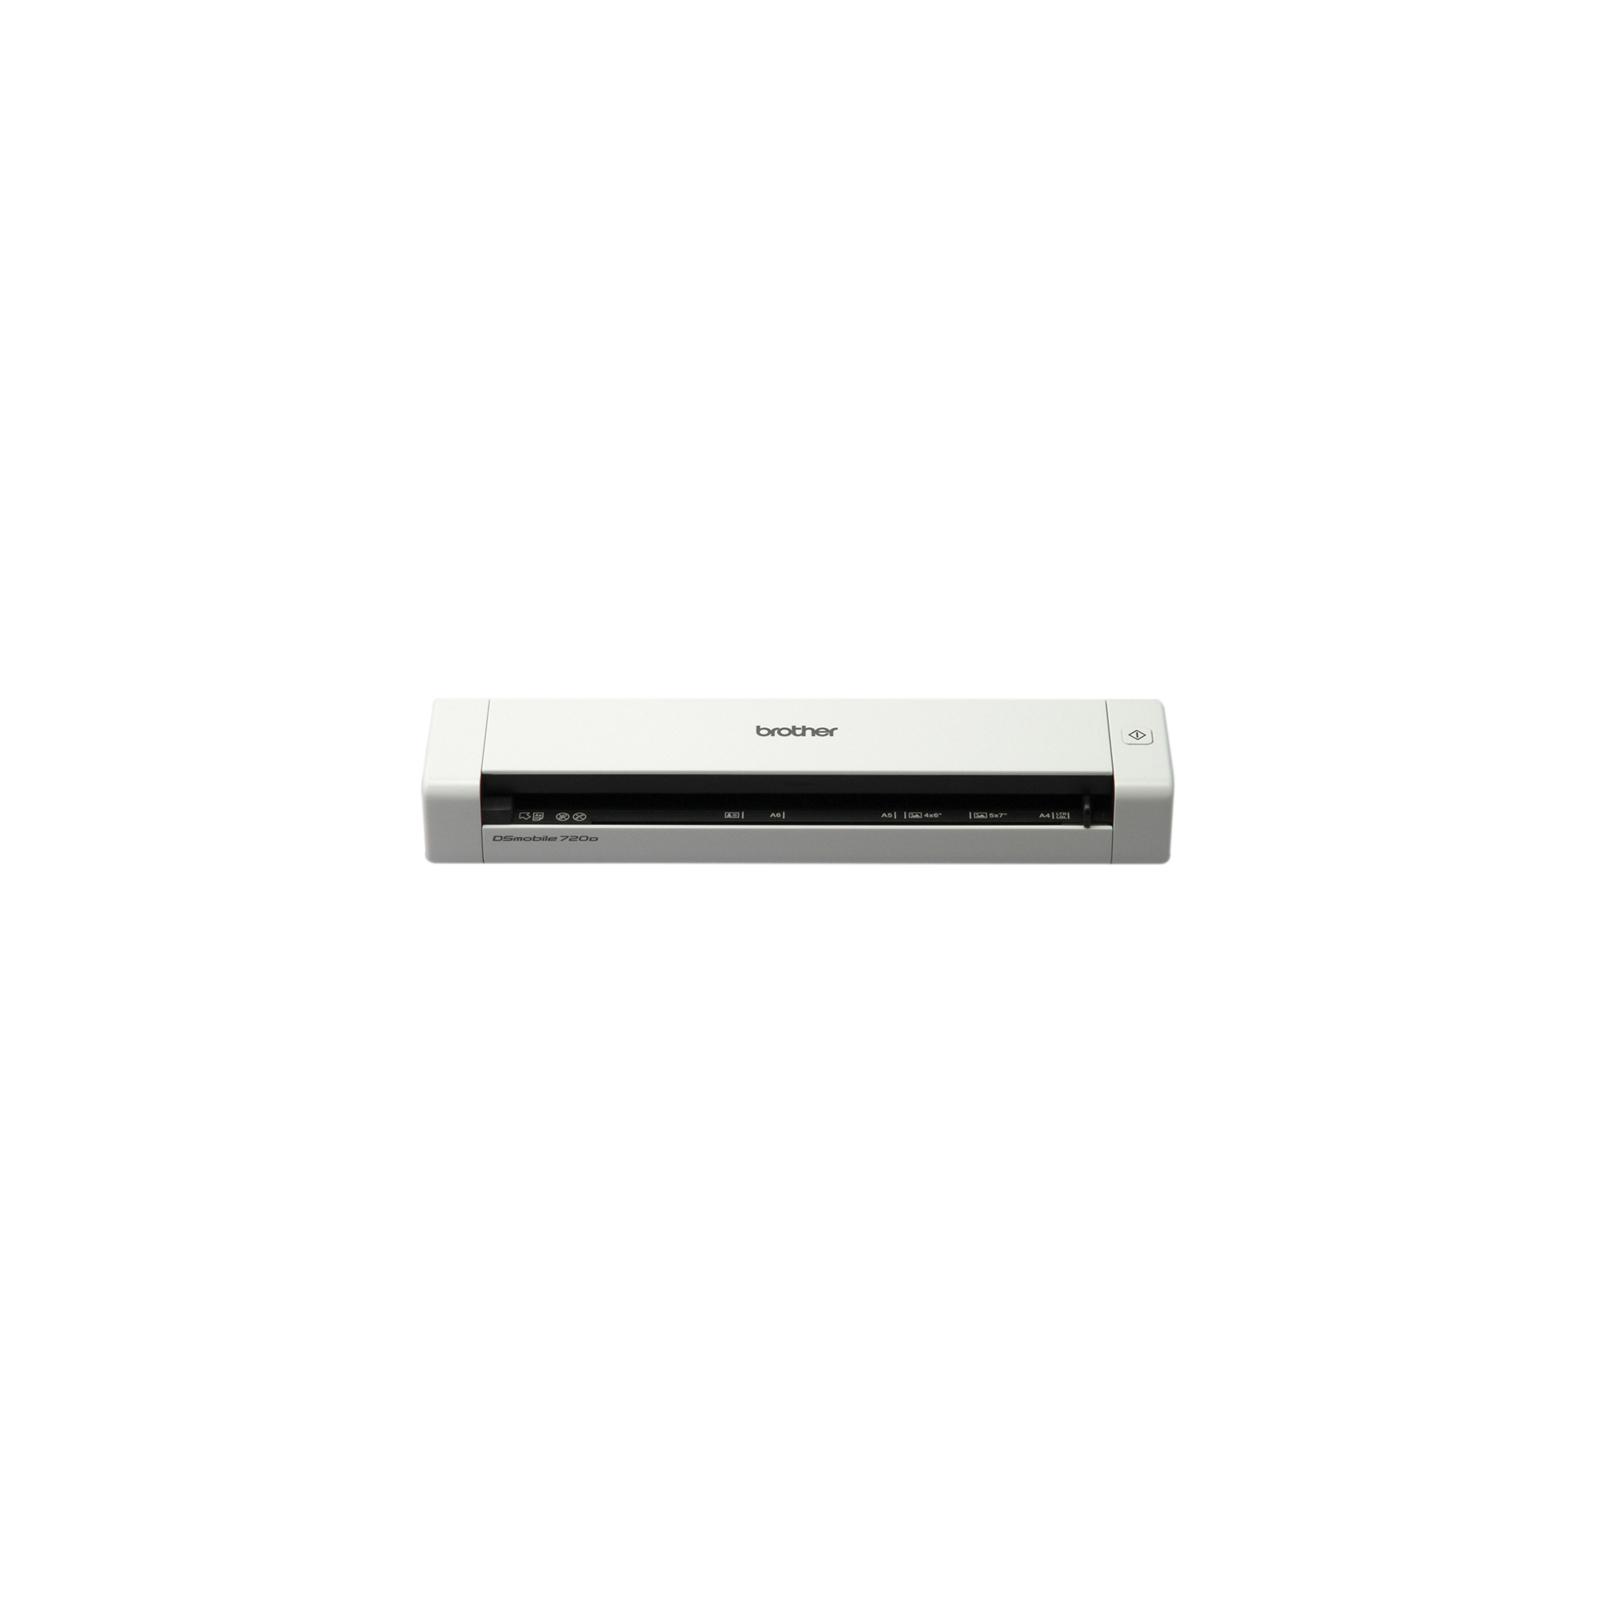 Сканер Brother DS-720D (DS720DZ1) изображение 2